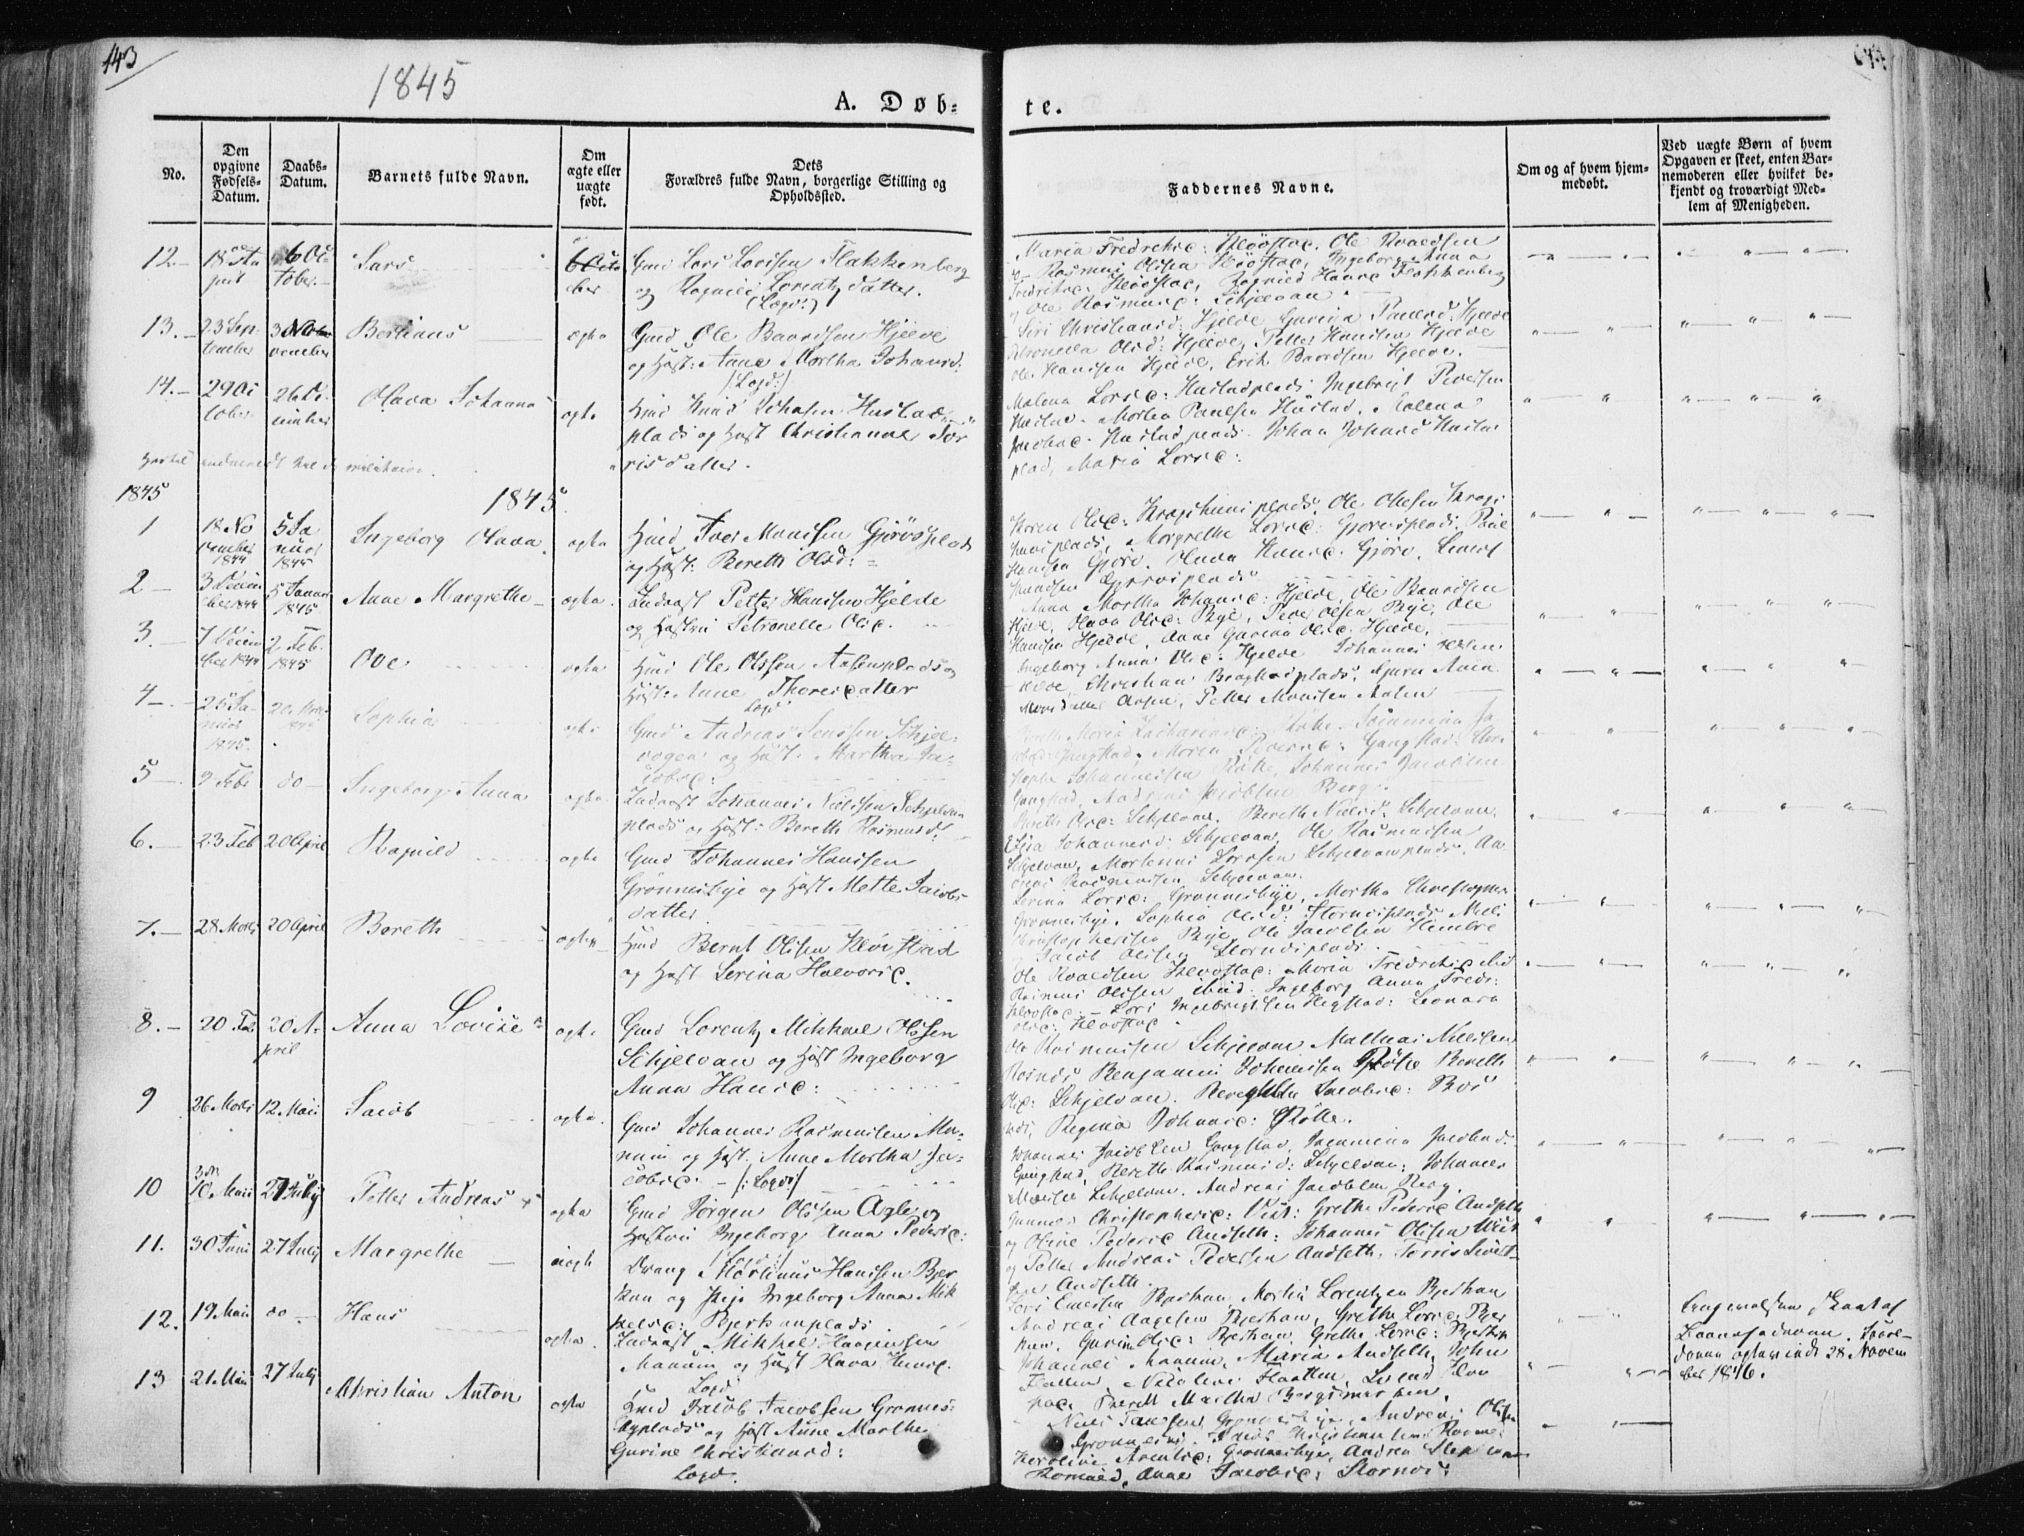 SAT, Ministerialprotokoller, klokkerbøker og fødselsregistre - Nord-Trøndelag, 730/L0280: Ministerialbok nr. 730A07 /3, 1840-1854, s. 143